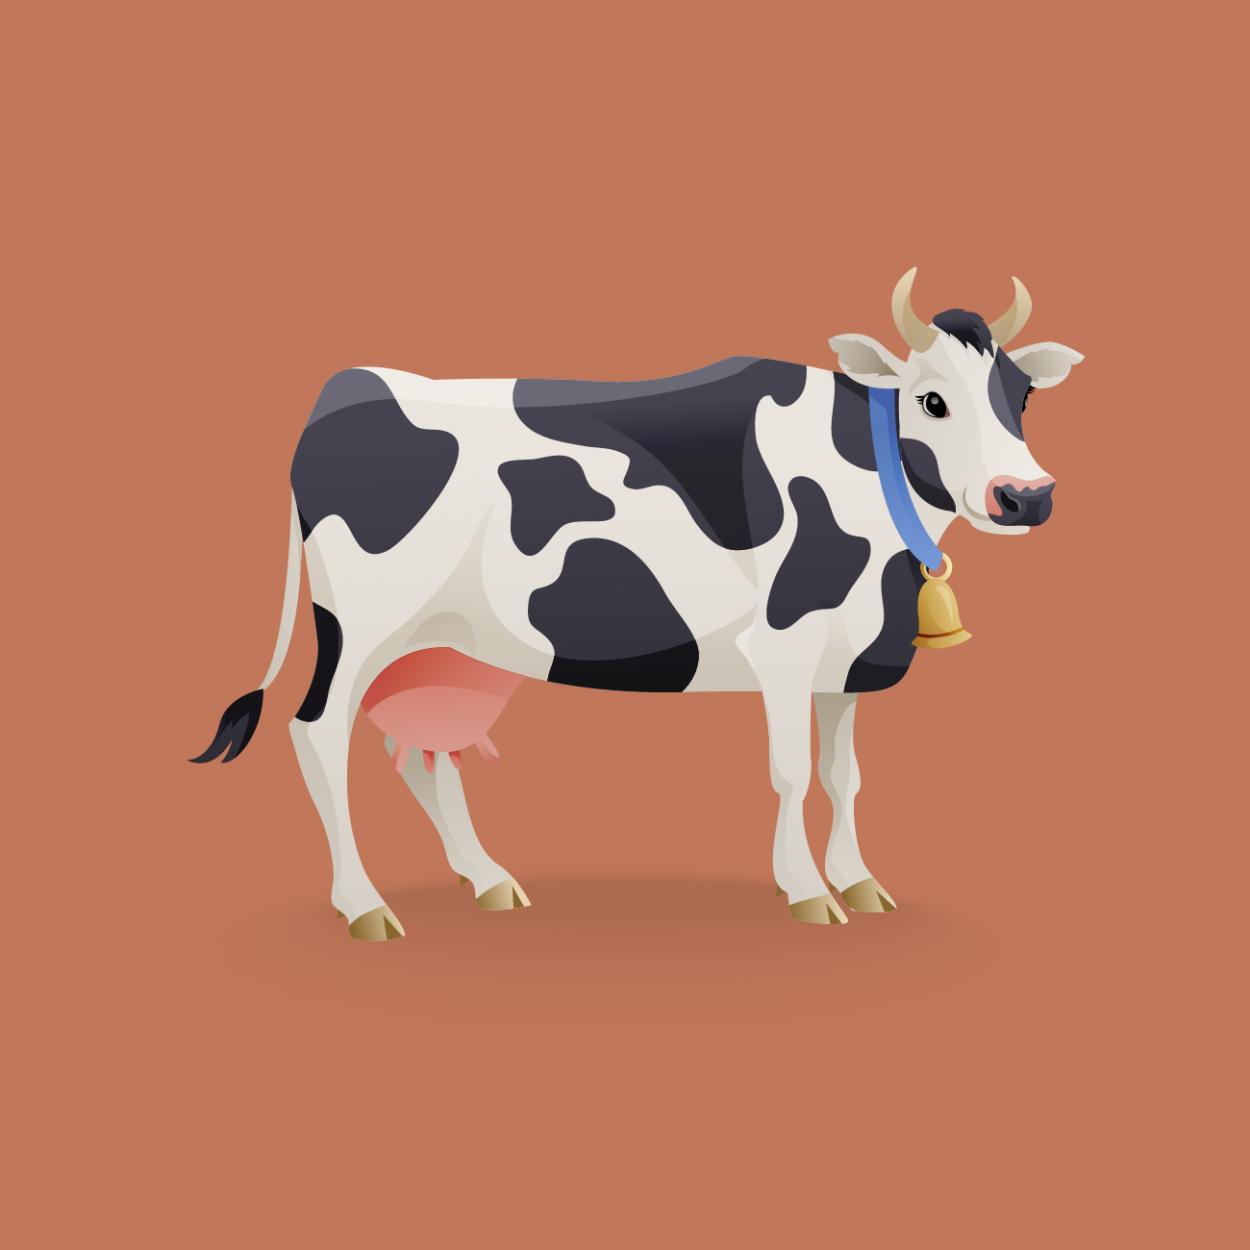 Иллюстрация к анекдоту про краденную корову и железную логику